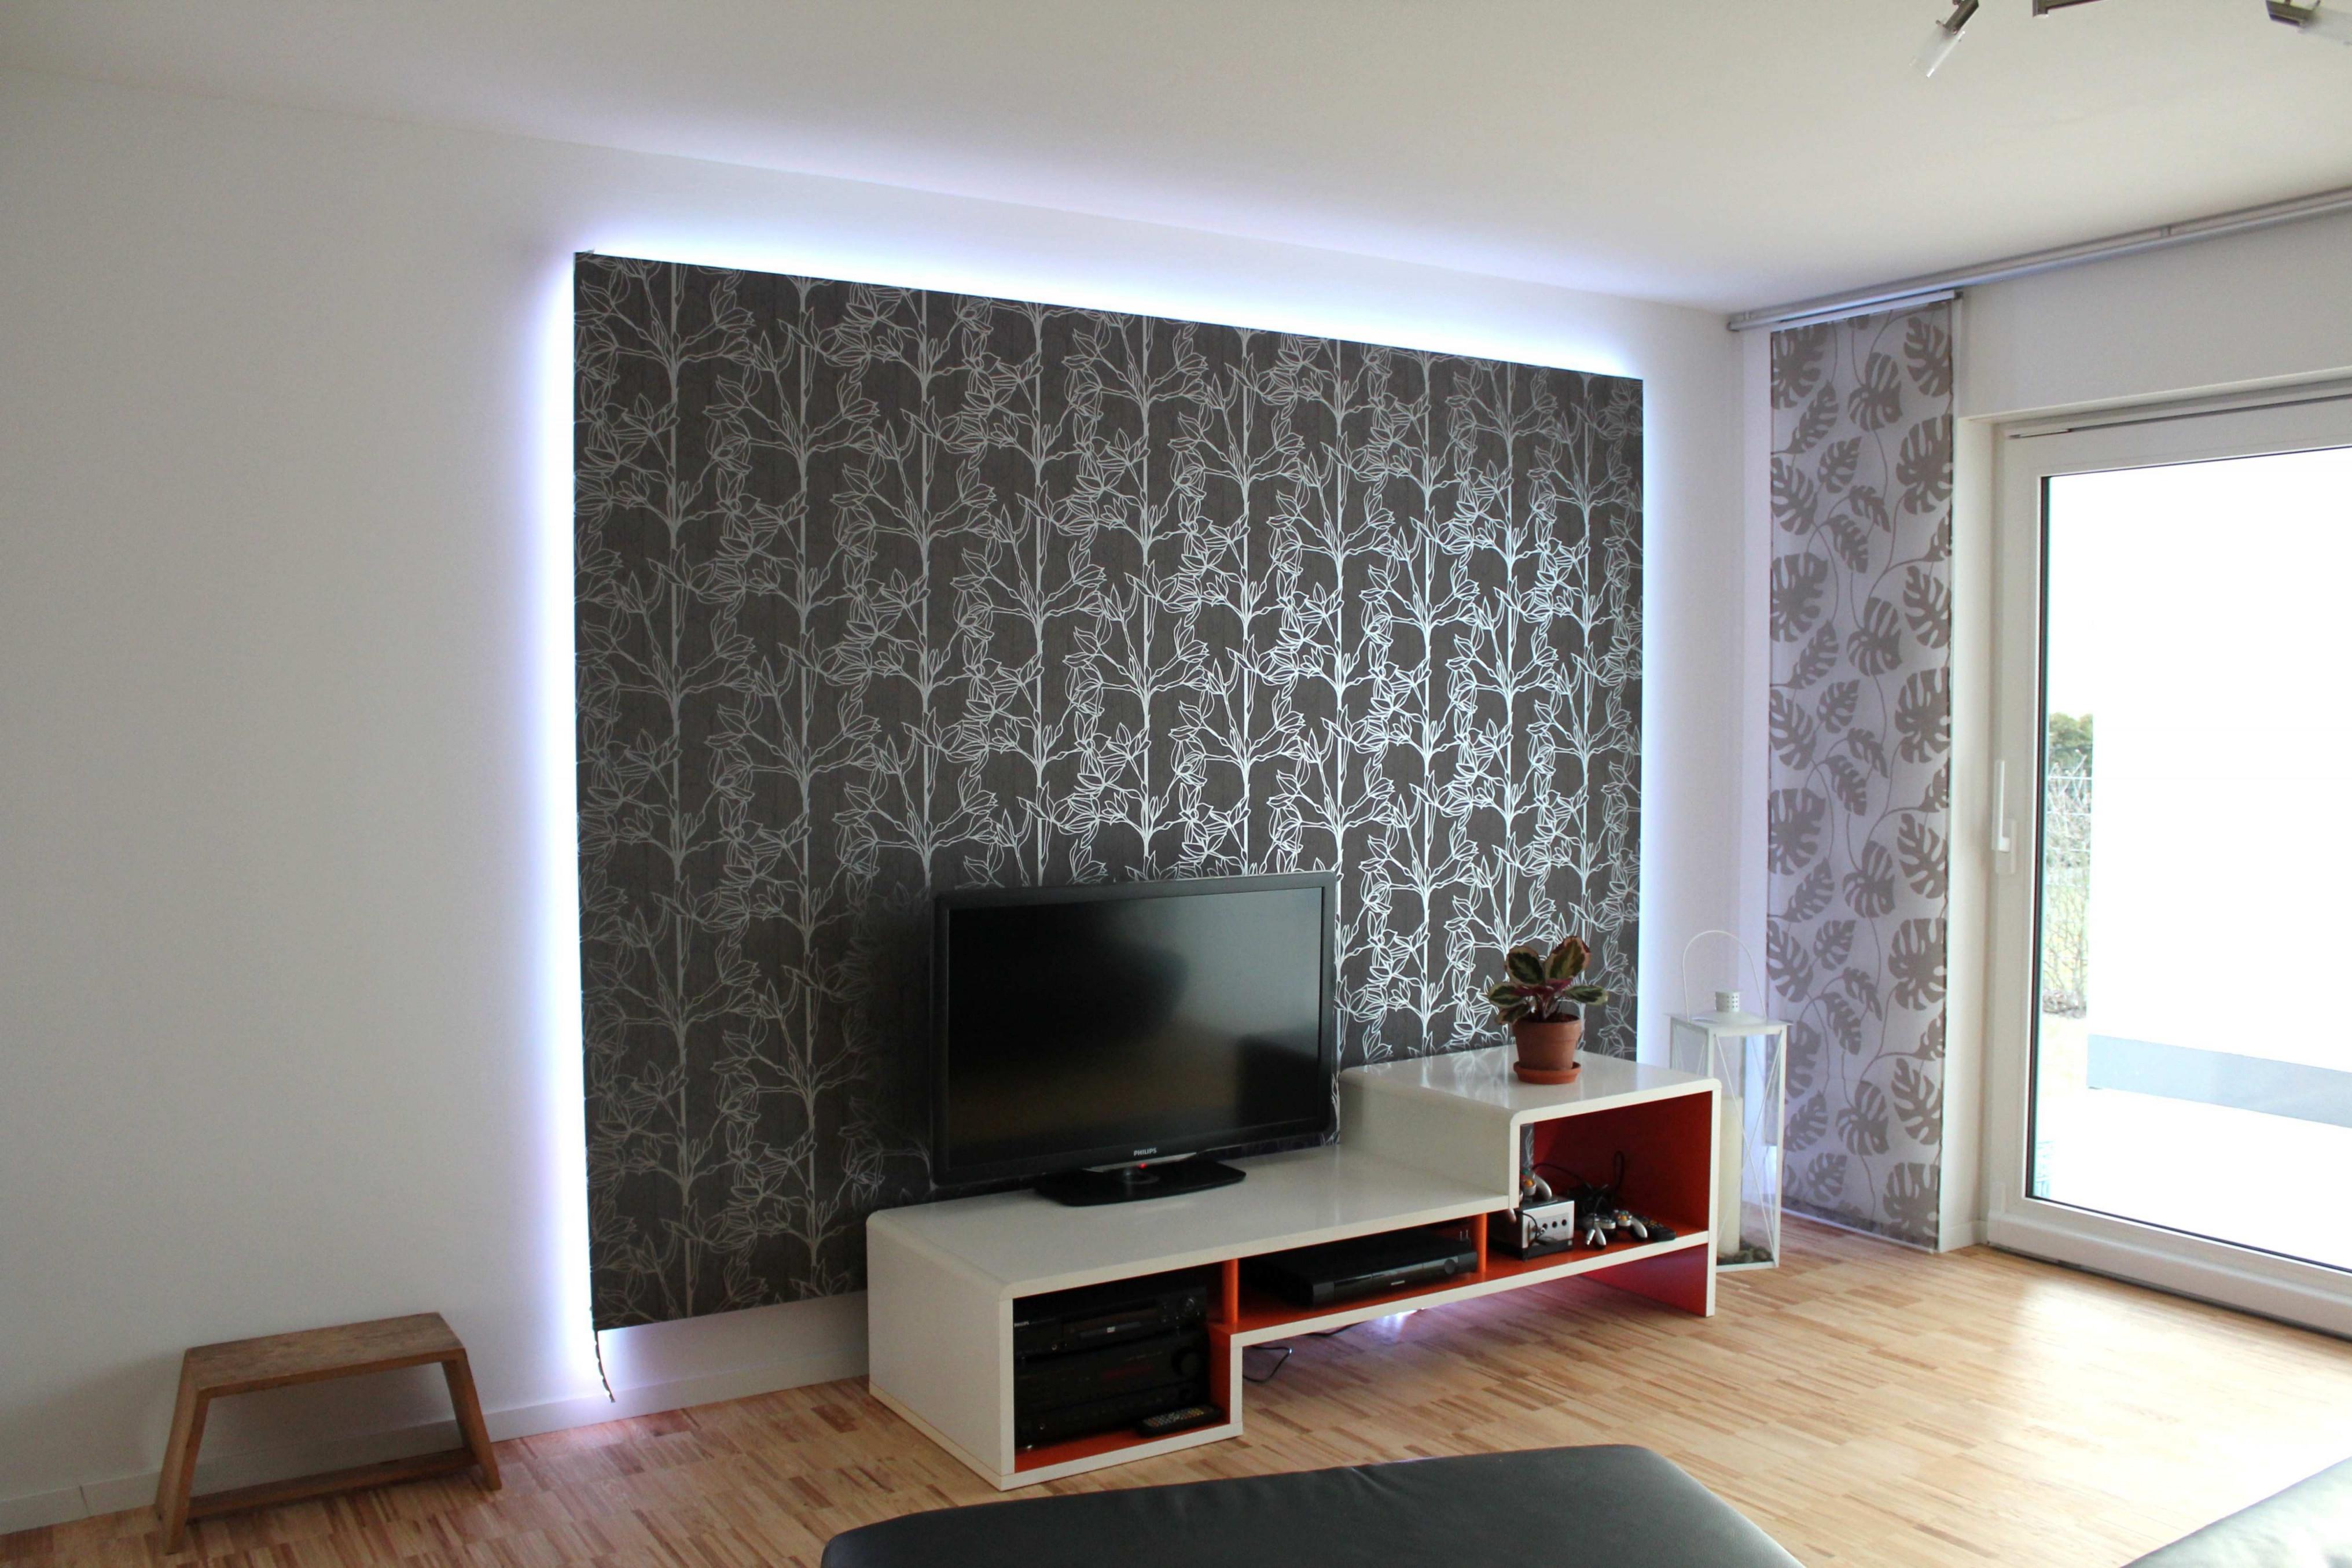 Deko Wand Wohnzimmer Elegant Wohnzimmer Wand Planen  Tolles von Deko Wand Wohnzimmer Bild